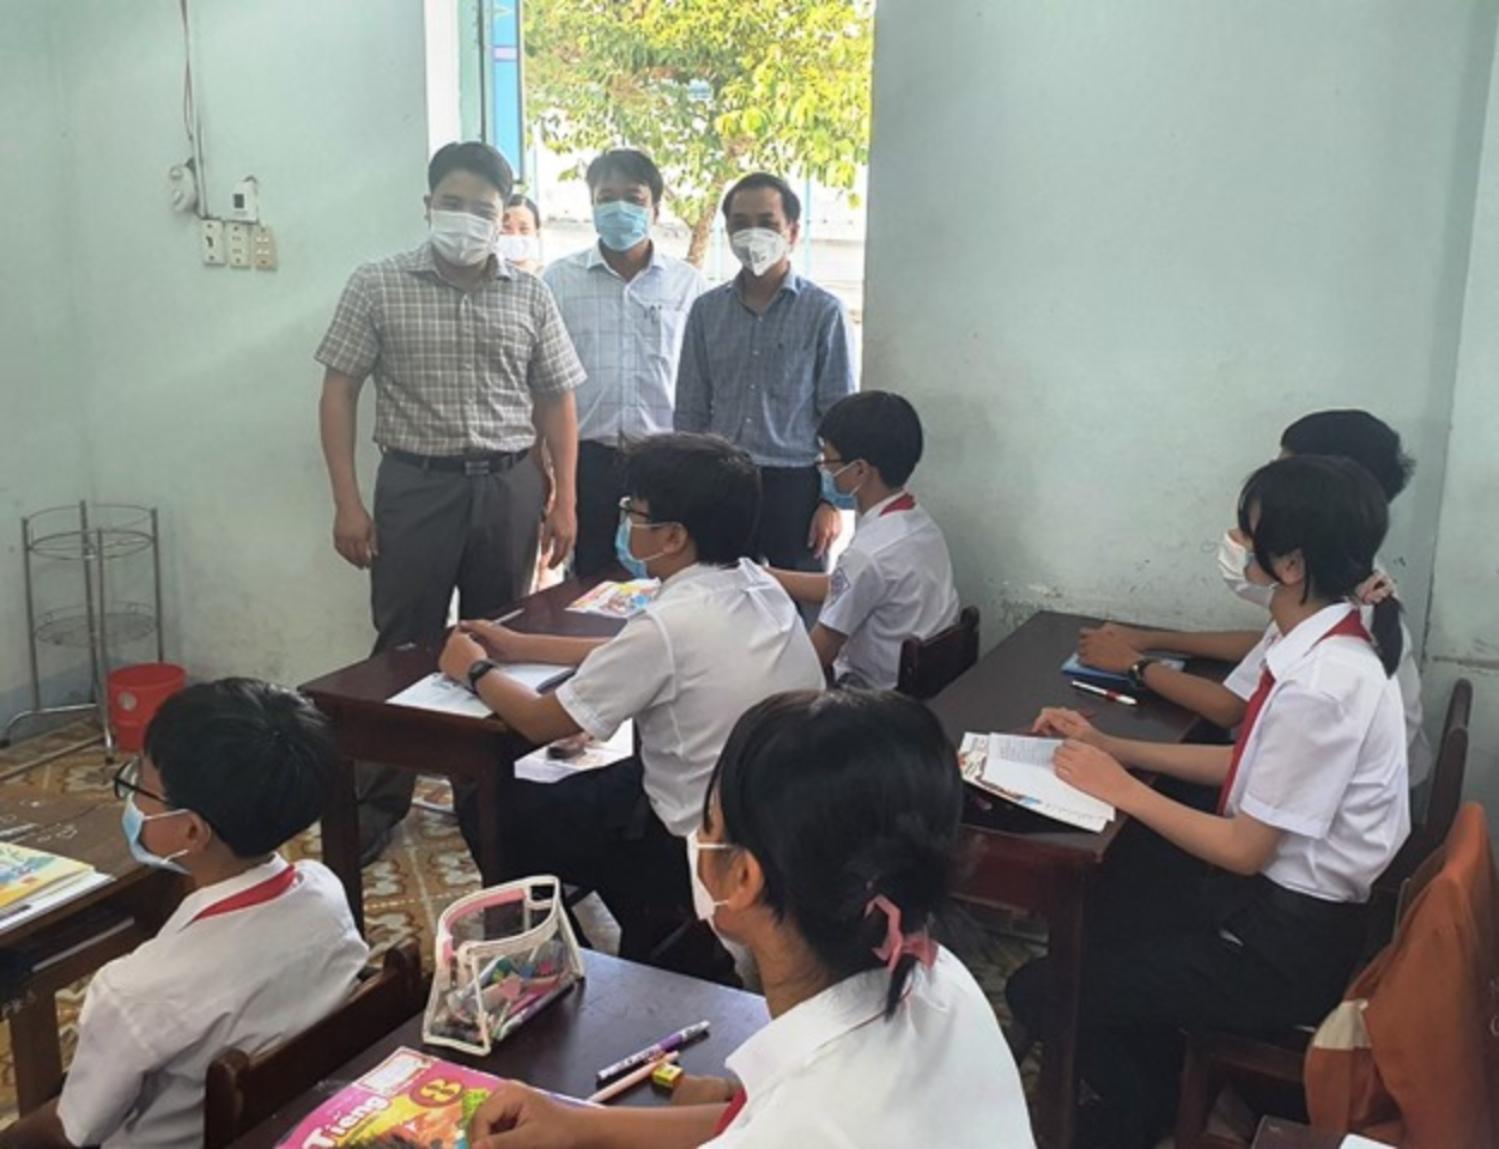 Lãnh đạo tỉnh nhắc nhở học sinh thực hiện 5k